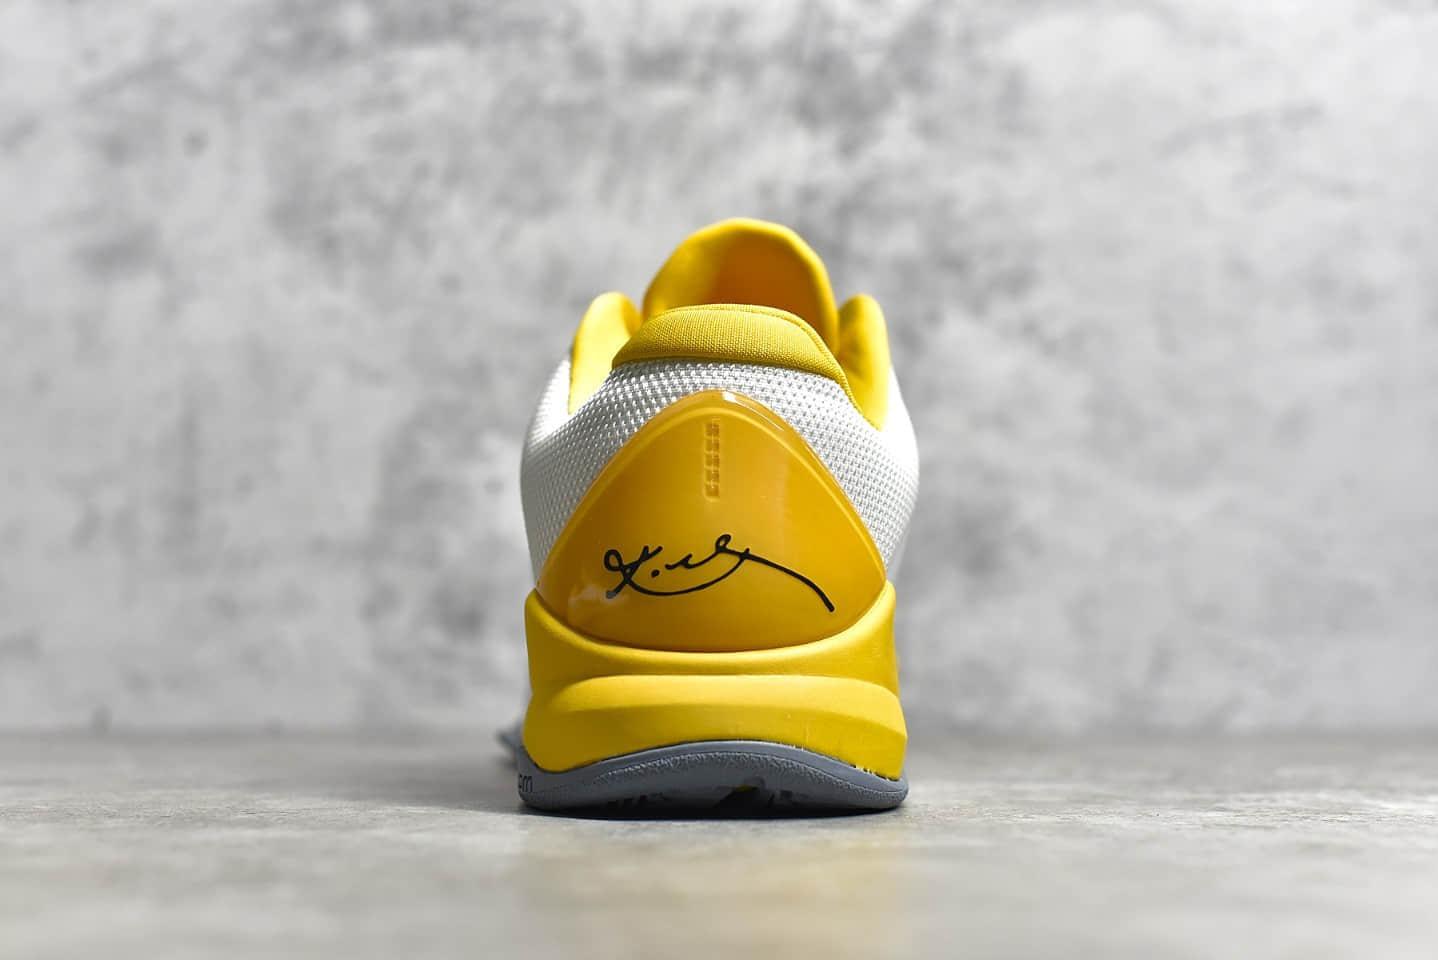 耐克科比5湖人主场配色实战球鞋 NIKE KOBE ZK5 PROTRO 科比五代战靴白金低帮篮球鞋 货号:386430-104-潮流者之家